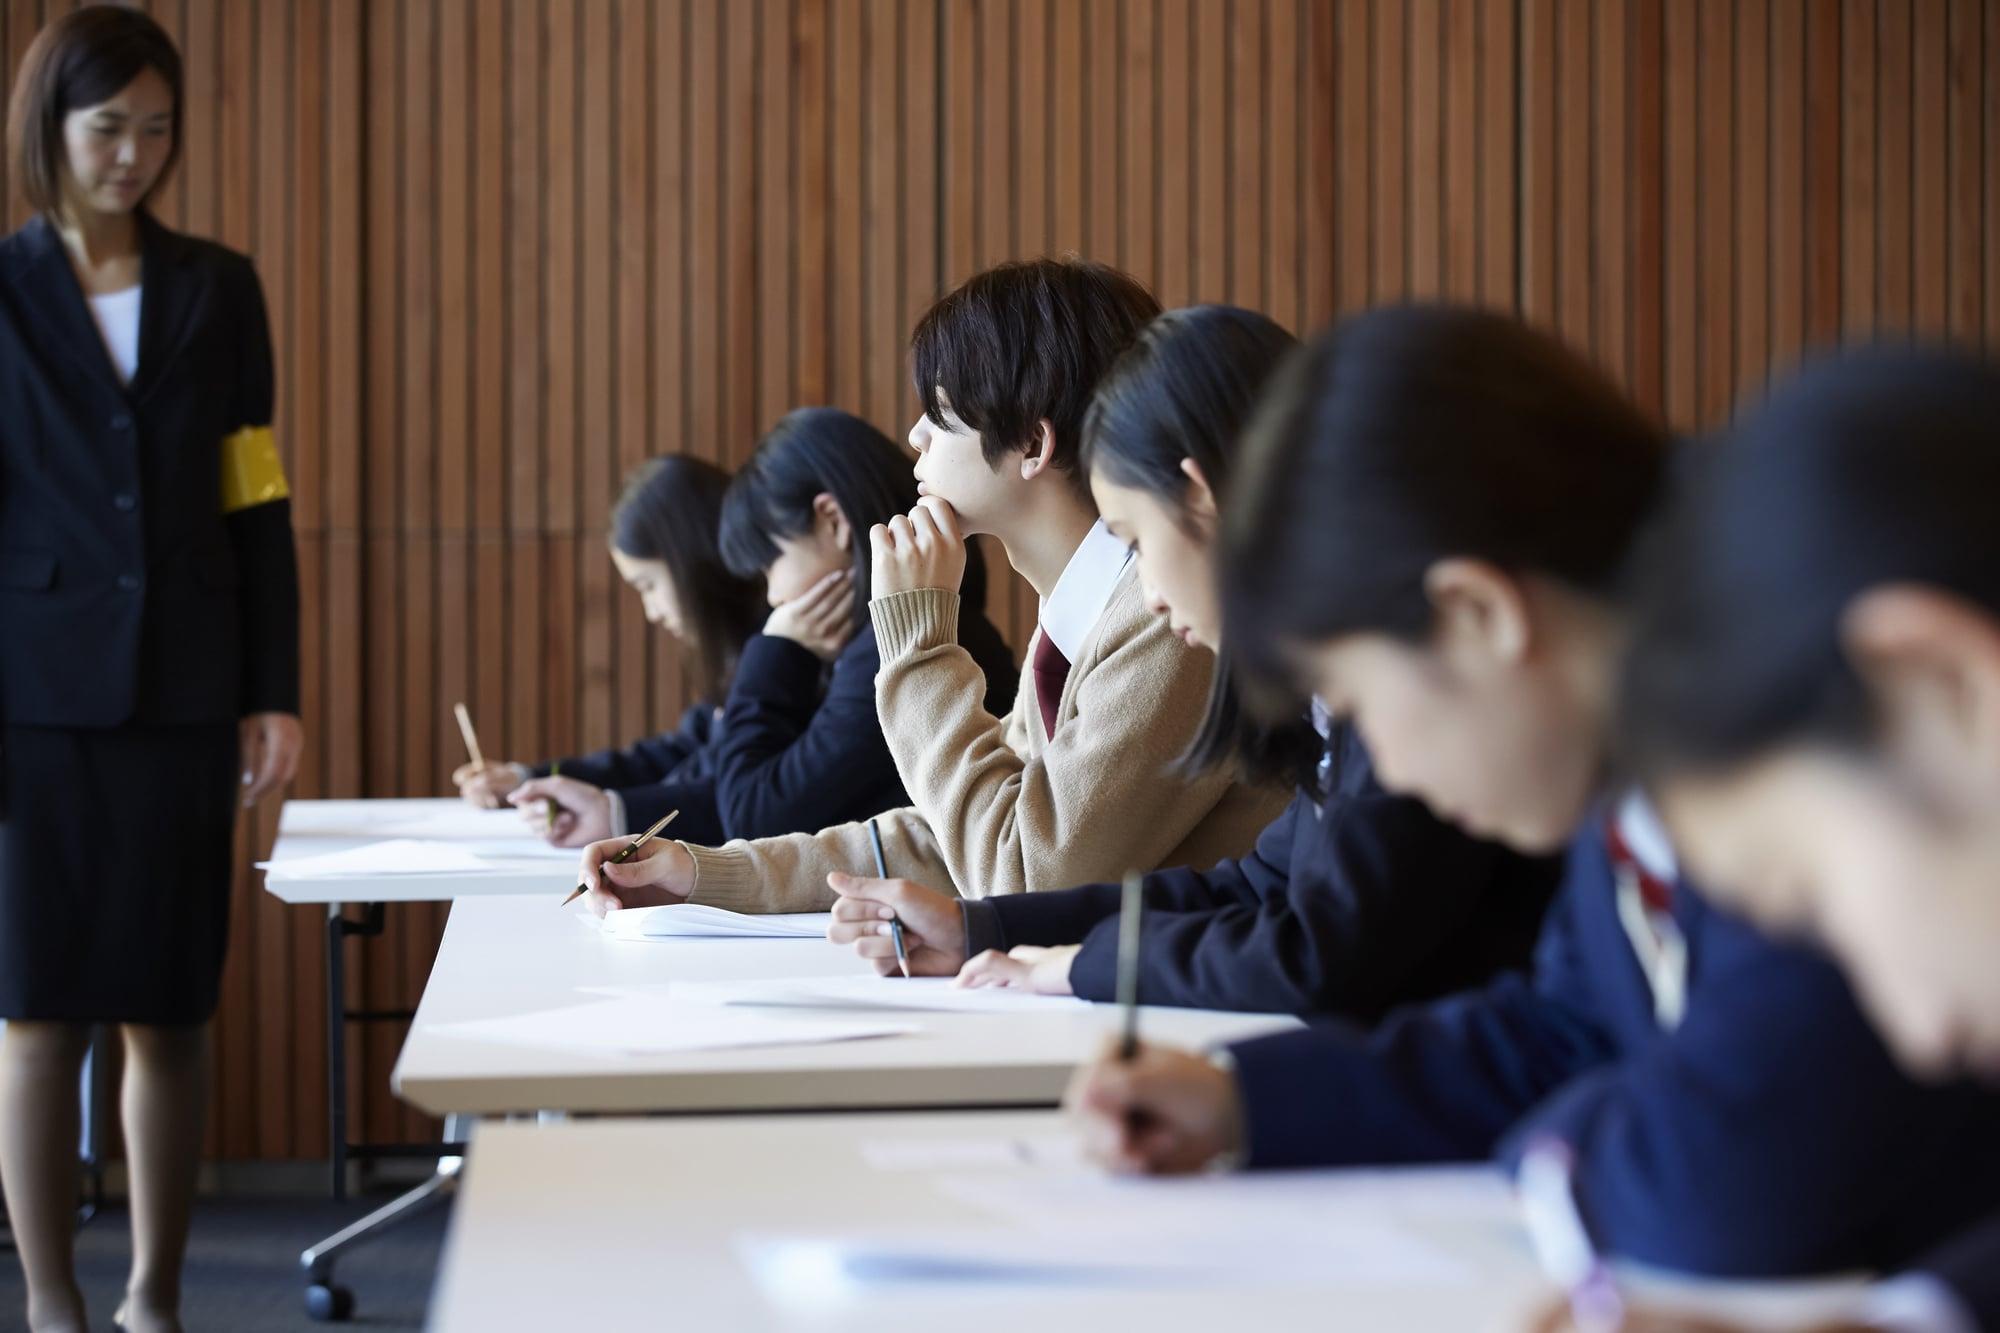 2020年度から実施予定!大学入試センタ―試験に代わる「大学入学共通テスト」何が変わるの?